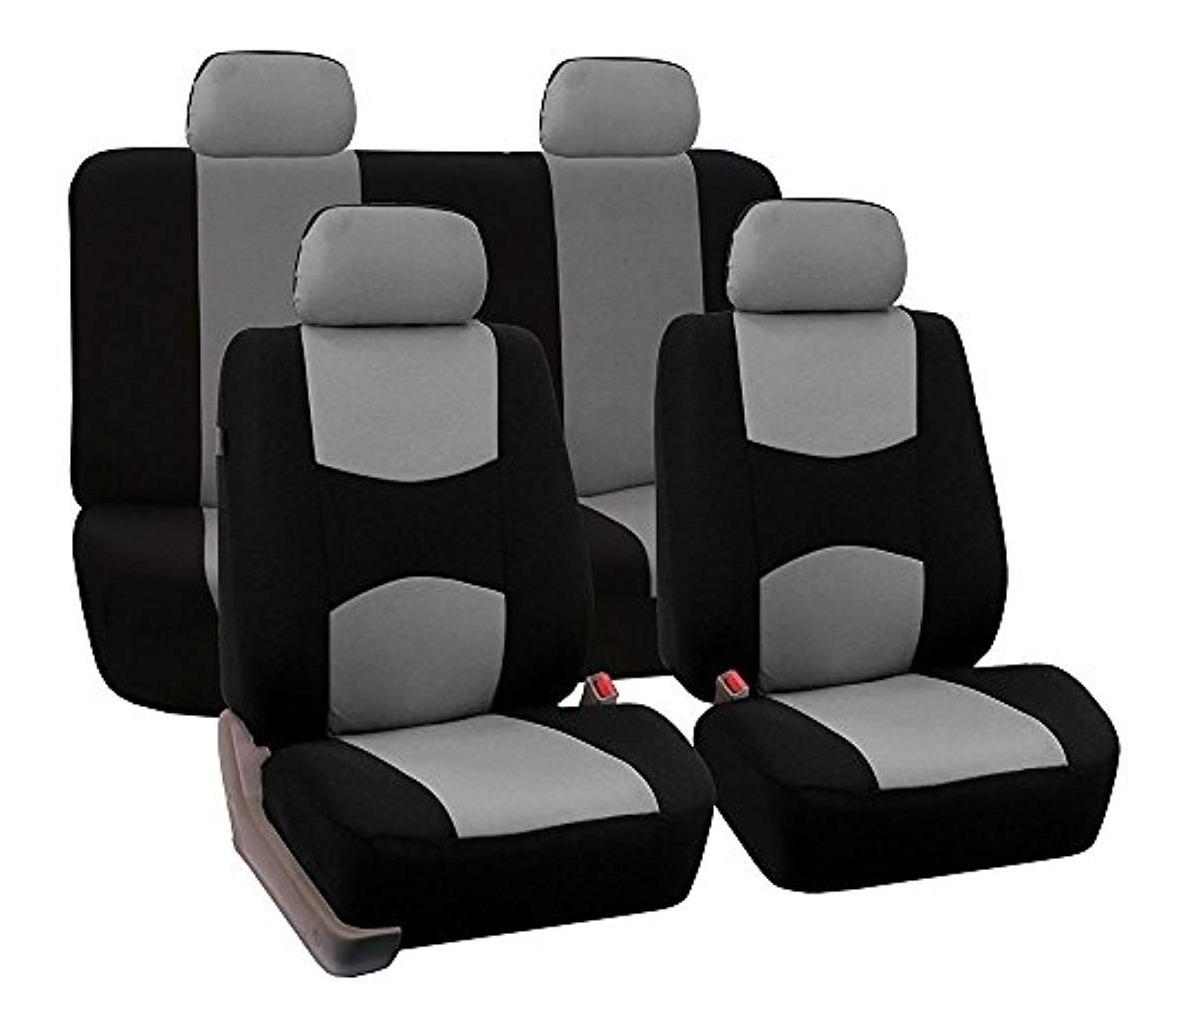 Asiento de coche referencias Ford Focus universal gris fundas para asientos ya referencias funda del asiento set